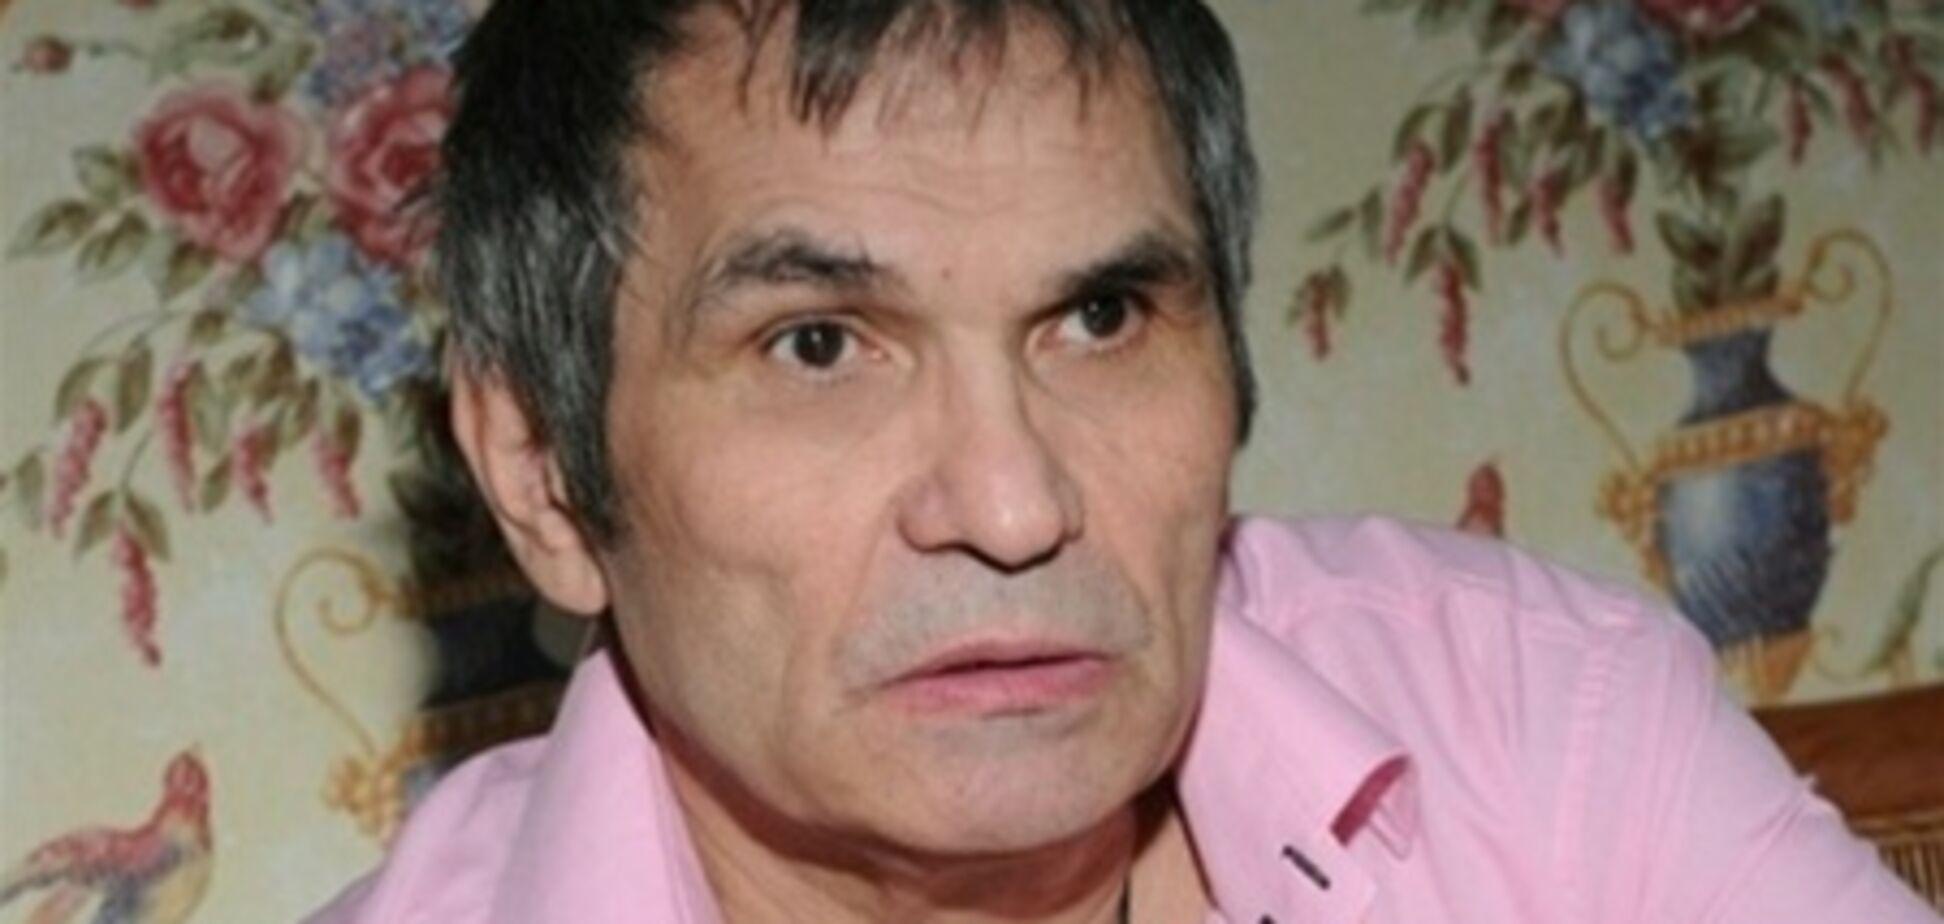 Скандал между продюсерами: Алибасов требует с Разина $5 млн